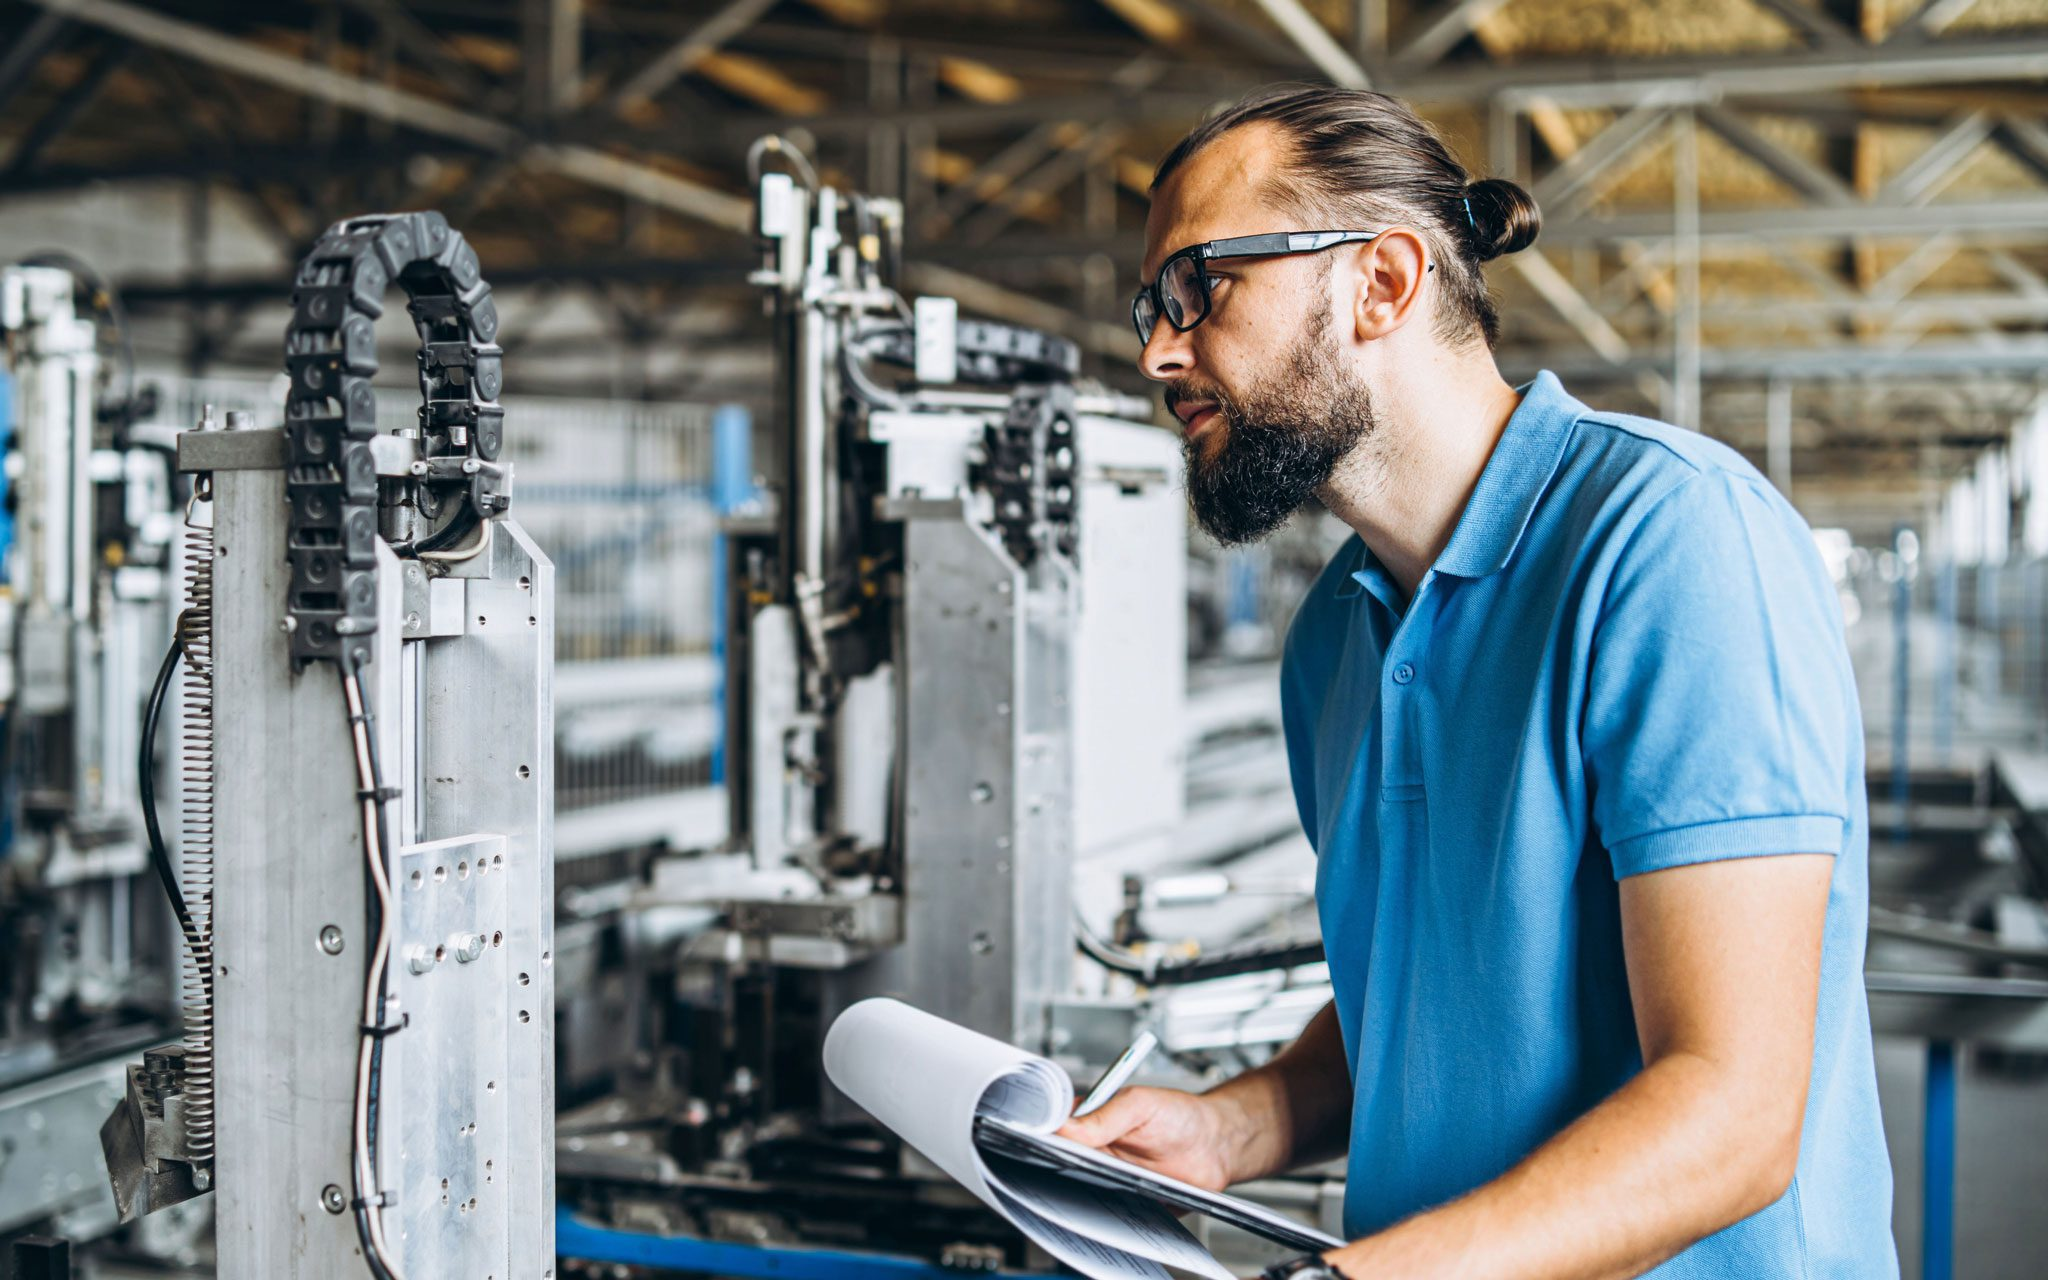 Facharbeiter Anlagenbau kontrolliert eine Maschine